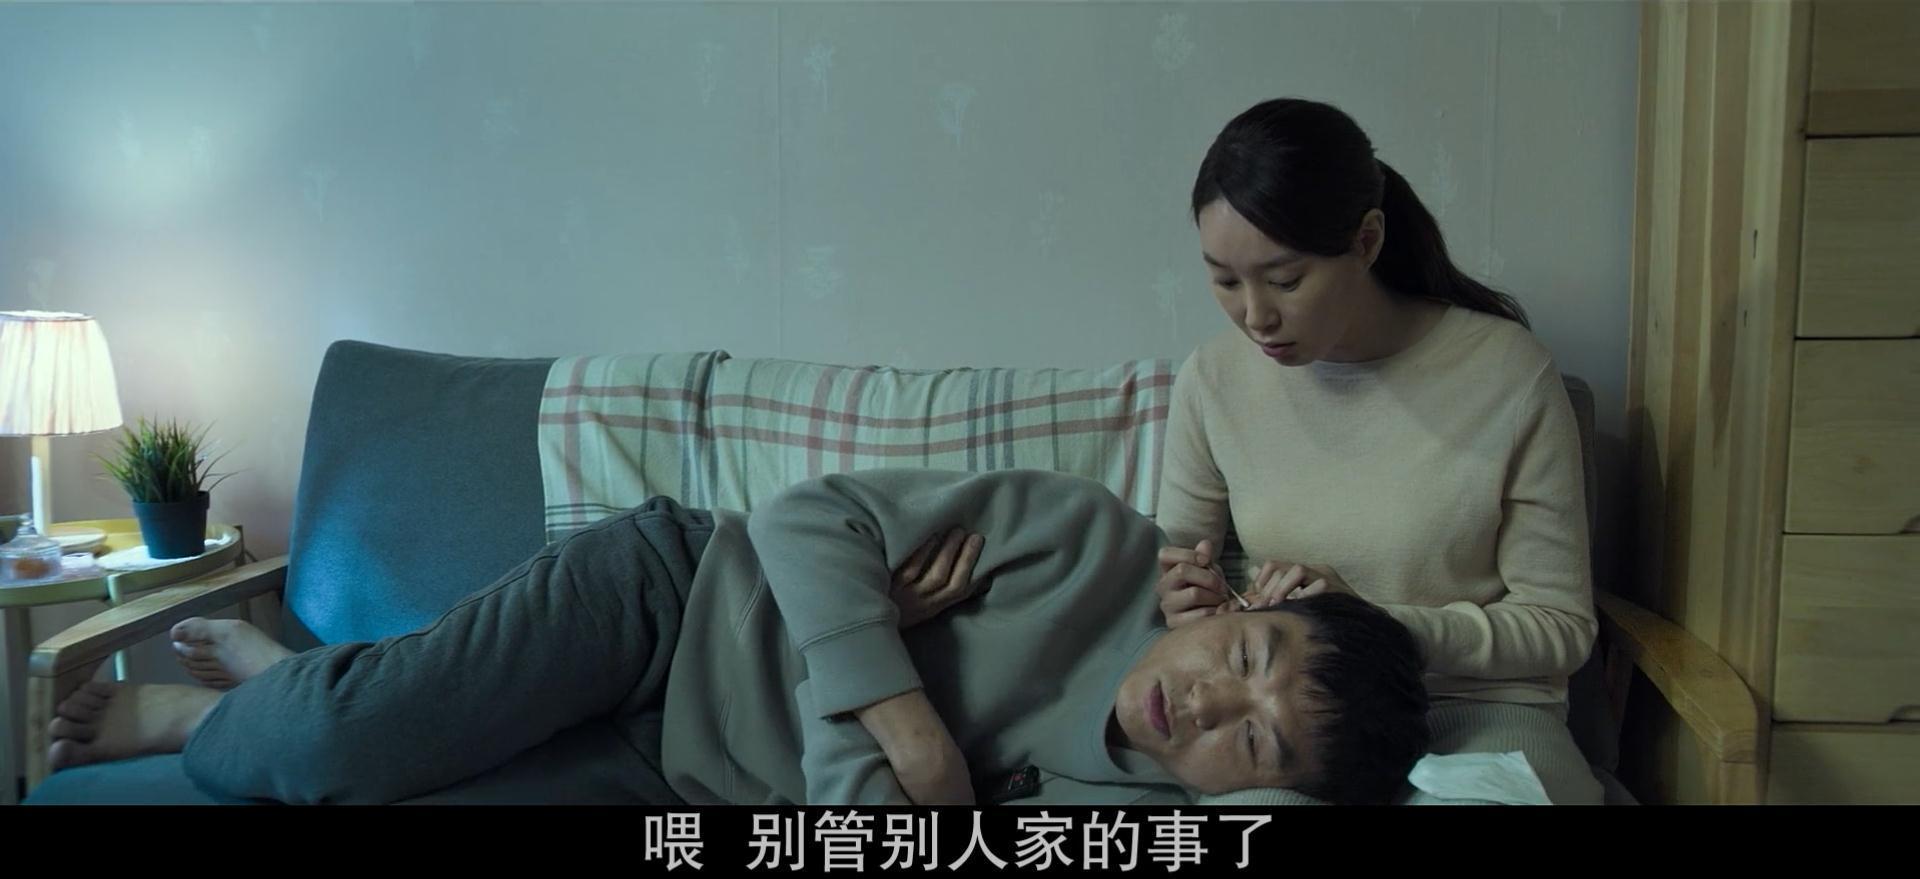 韩国电影《小委托人》不幸的人,一生都在治愈童年 (3)